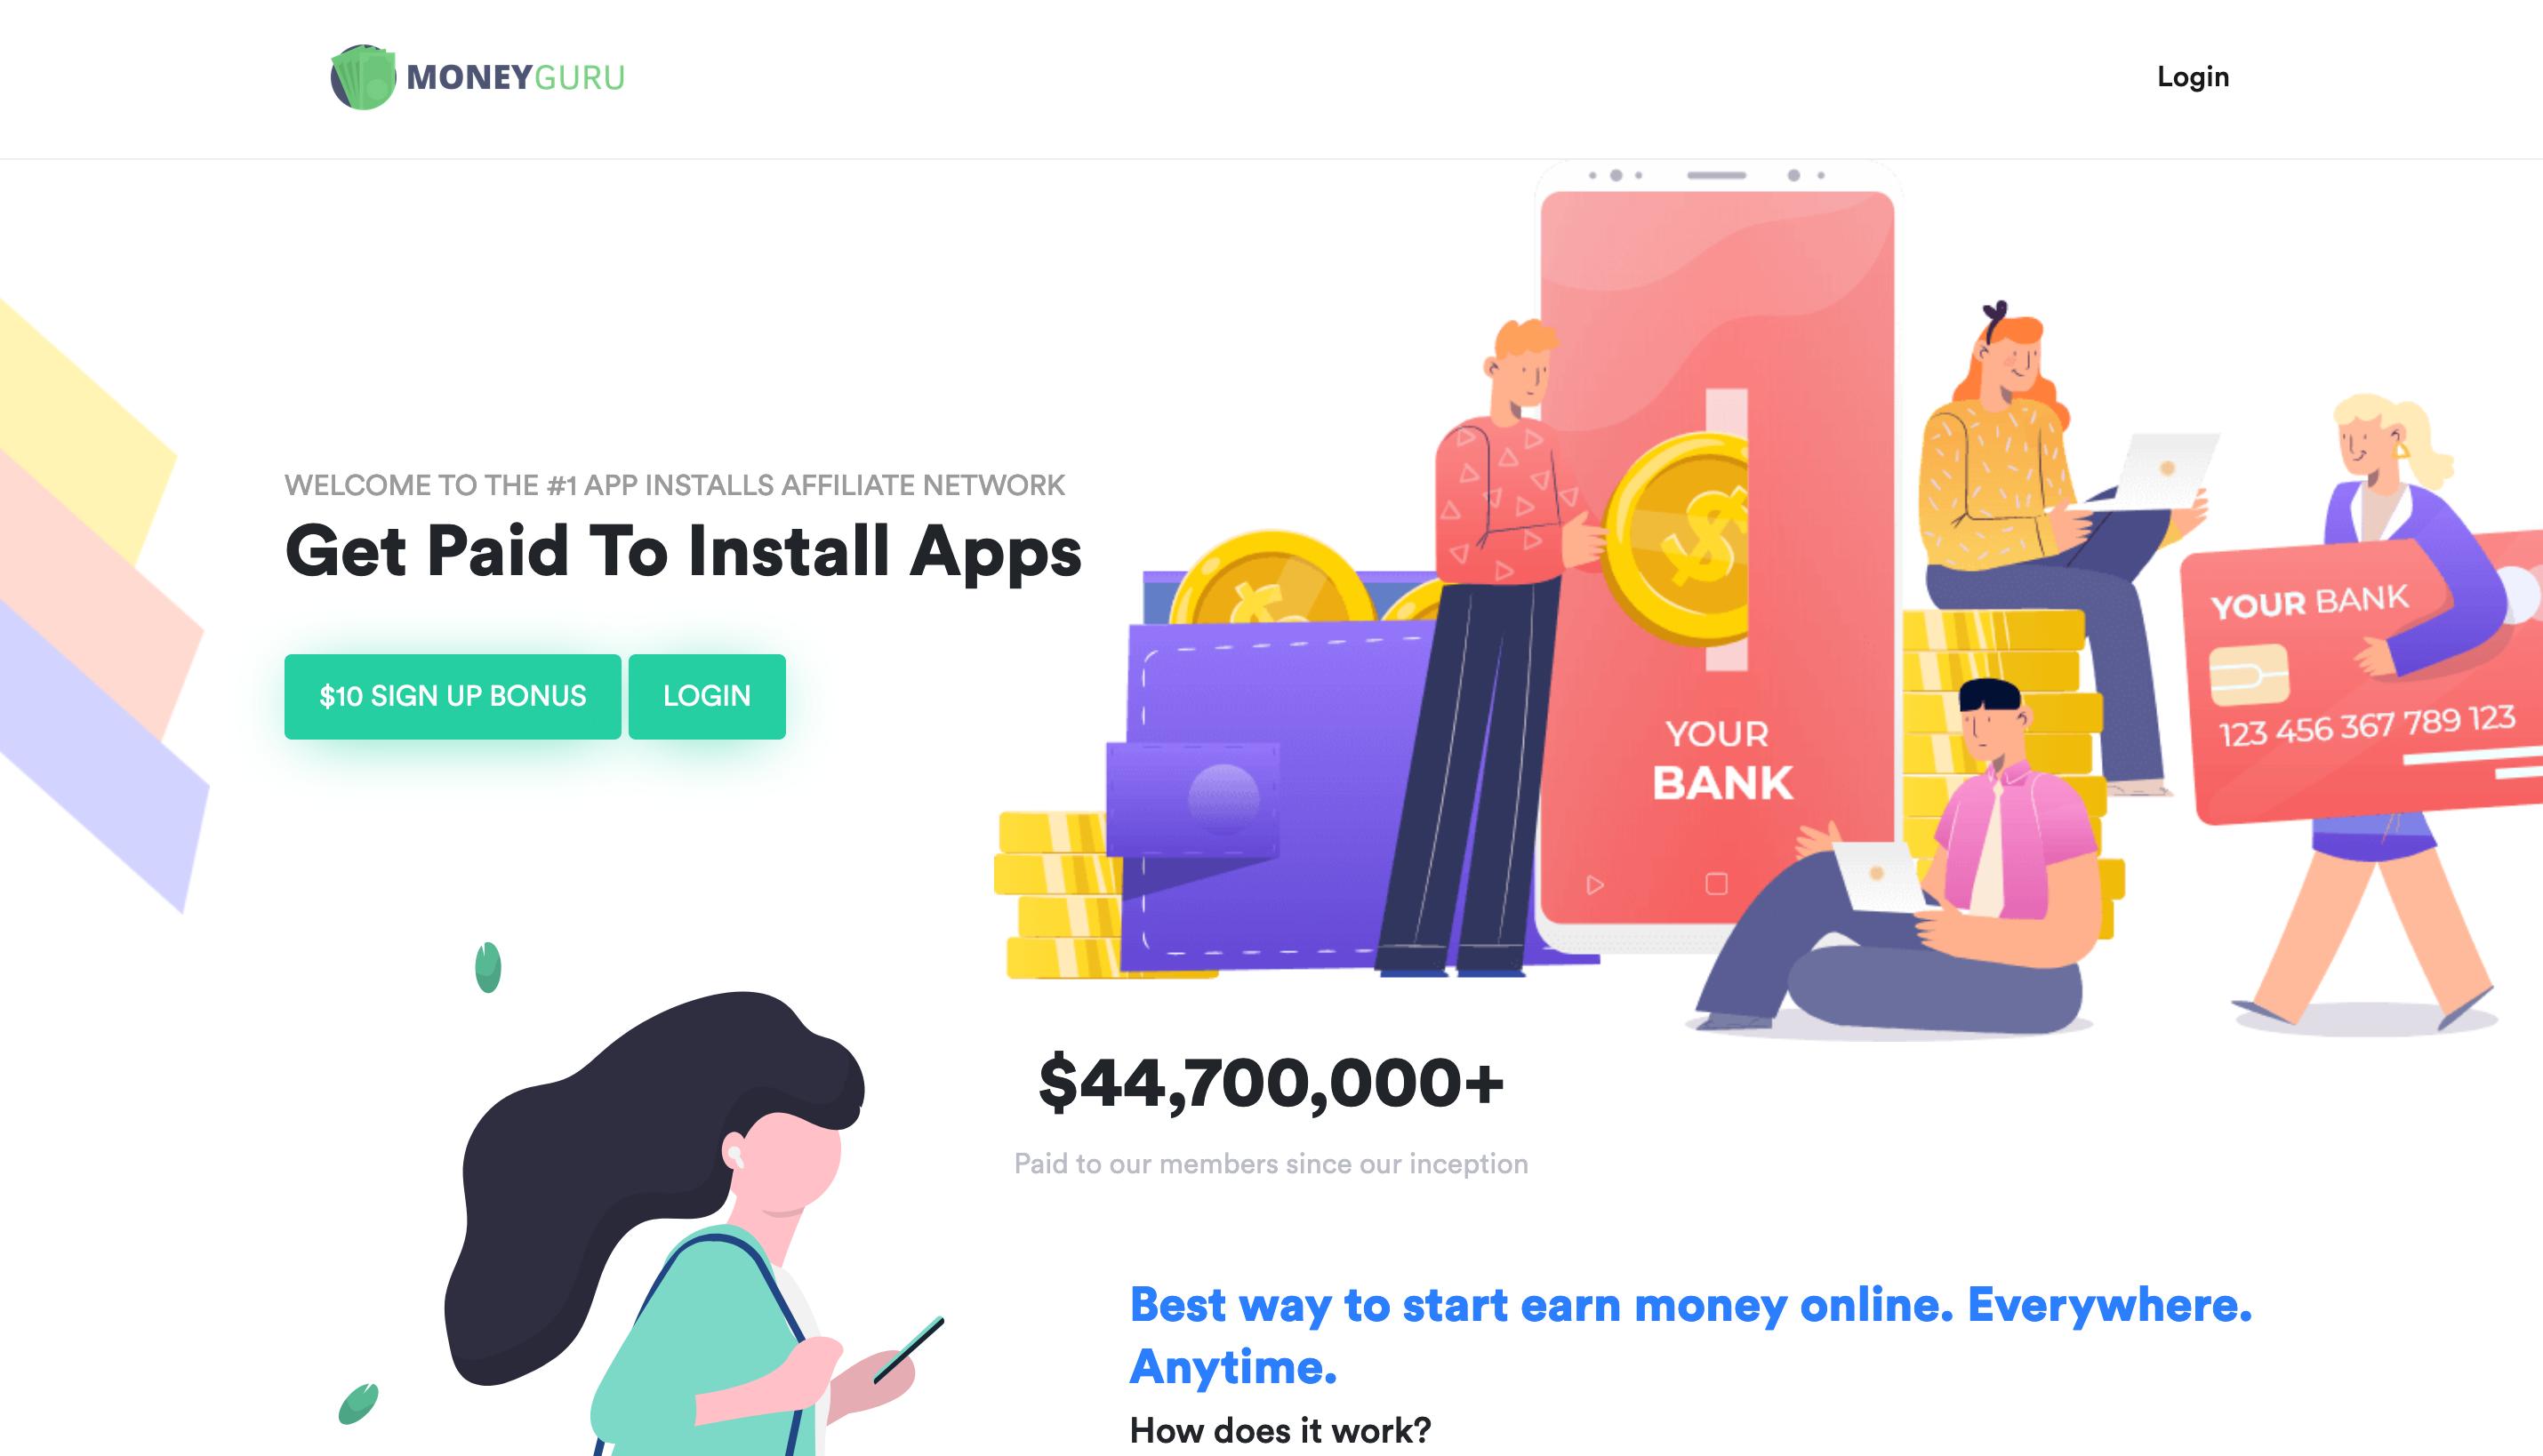 MoneyGuru - Ways To Make Money Online